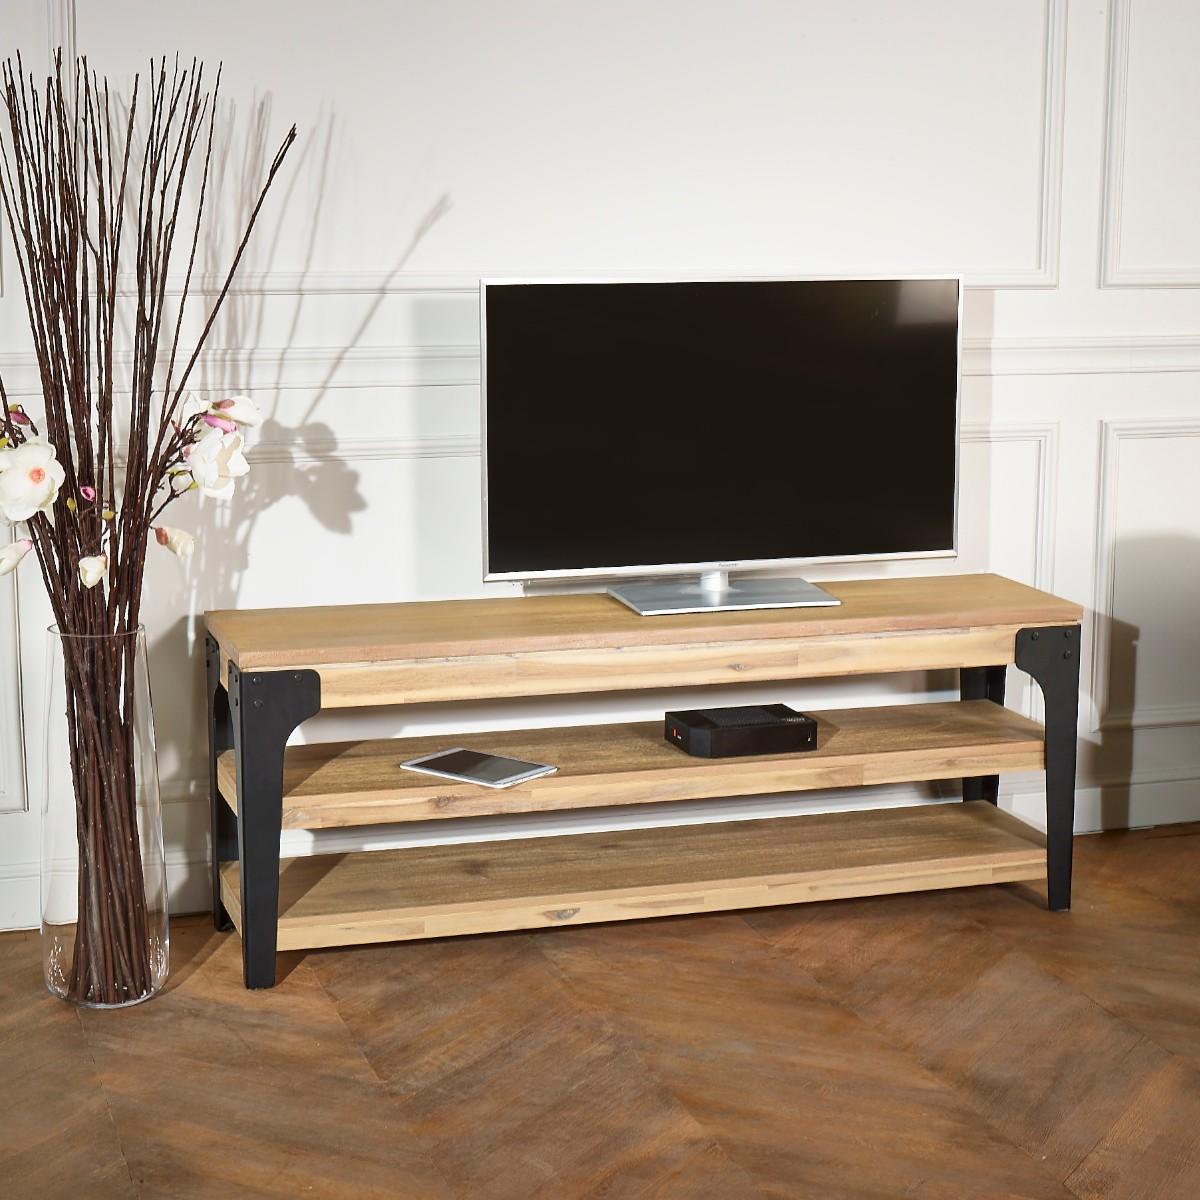 meuble tv baltimore robin des bois. Black Bedroom Furniture Sets. Home Design Ideas